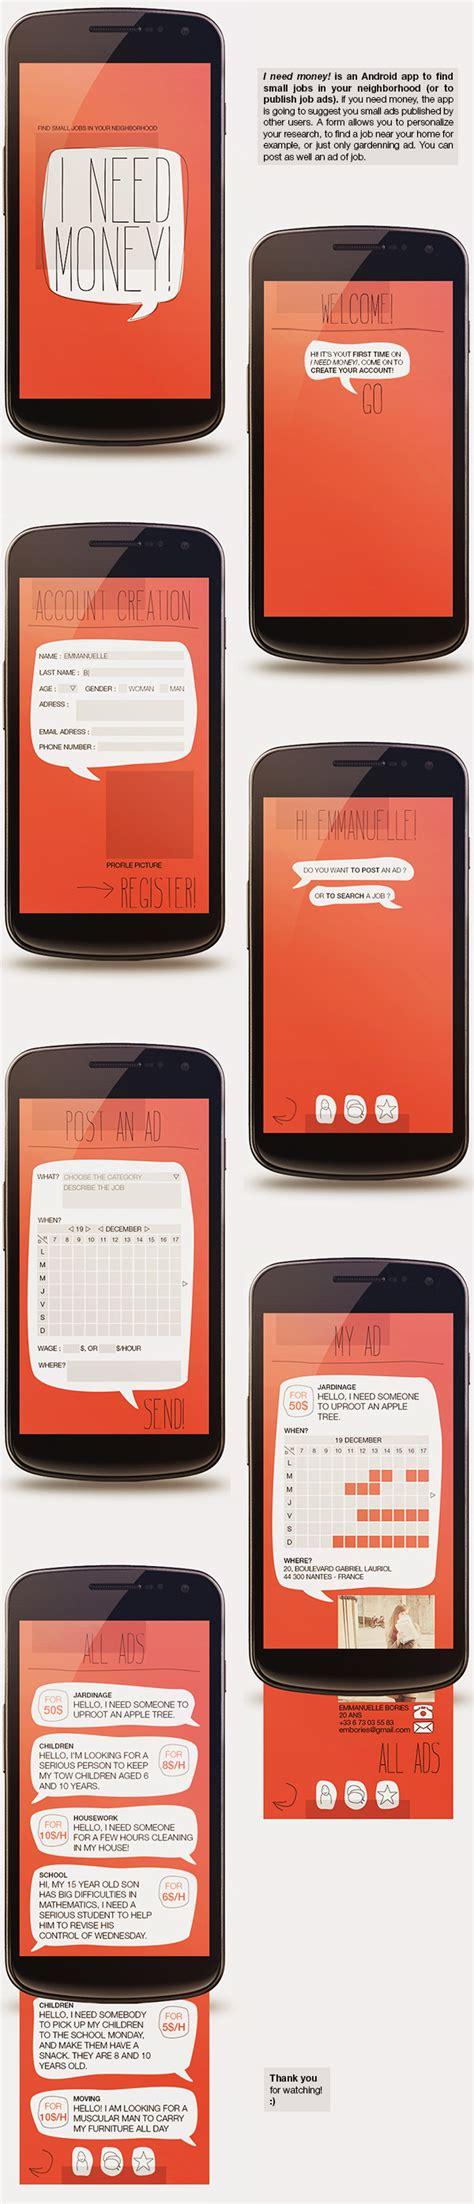 designspiration android best app designs money android images on designspiration